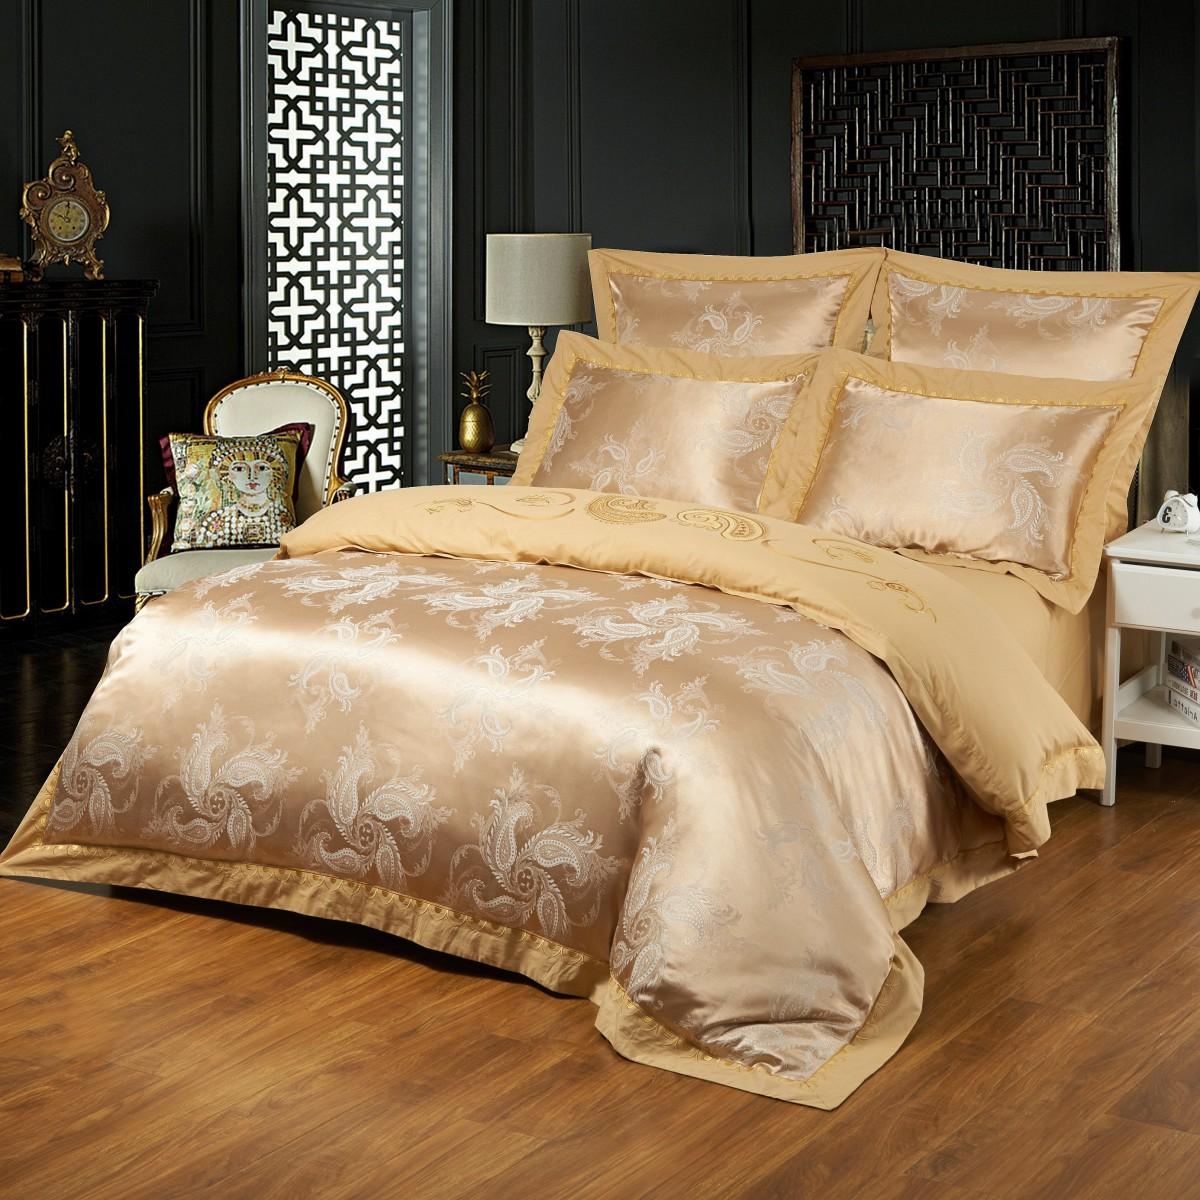 Комплект постельного бельяДвуспальные комплекты постельного белья<br>Роскошное постельное белье для изысканного вкуса.&amp;amp;nbsp;&amp;lt;div&amp;gt;&amp;lt;br&amp;gt;&amp;lt;/div&amp;gt;&amp;lt;div&amp;gt;В комплект входит:&amp;lt;br&amp;gt;&amp;lt;/div&amp;gt;&amp;lt;div&amp;gt;Пододеяльник: 220х200 см (1шт)&amp;lt;/div&amp;gt;&amp;lt;div&amp;gt;Простыня: 230х250 см (1шт)&amp;amp;nbsp;&amp;lt;/div&amp;gt;&amp;lt;div&amp;gt;Наволочки: 50х70 см (2шт); 70х70 см (2шт)&amp;lt;/div&amp;gt;<br><br>Material: Сатин<br>Length см: 220<br>Width см: 200